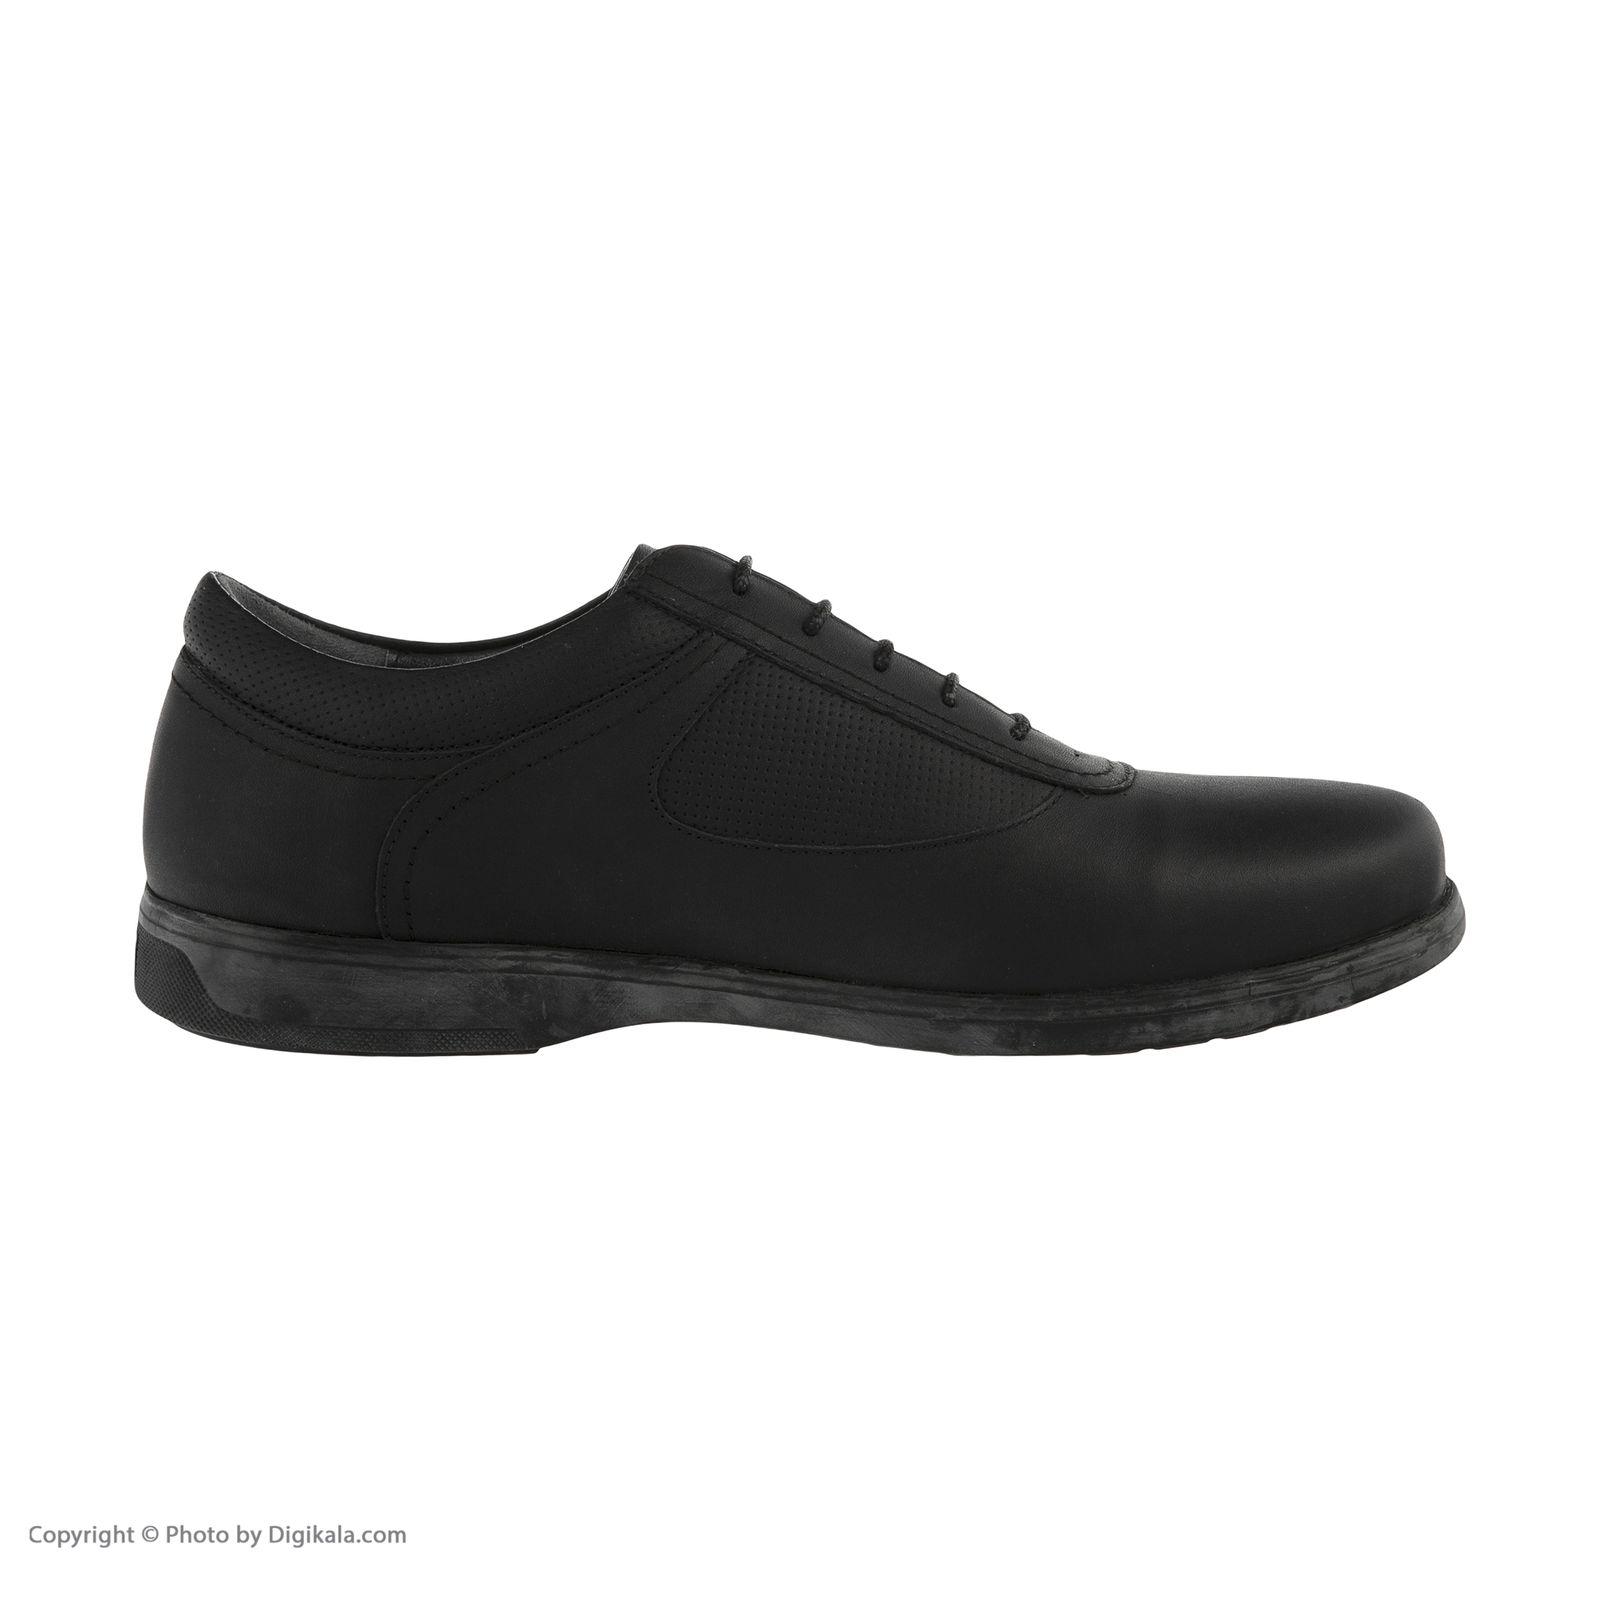 کفش روزمره مردانه سوته مدل 5017A503101 -  - 4